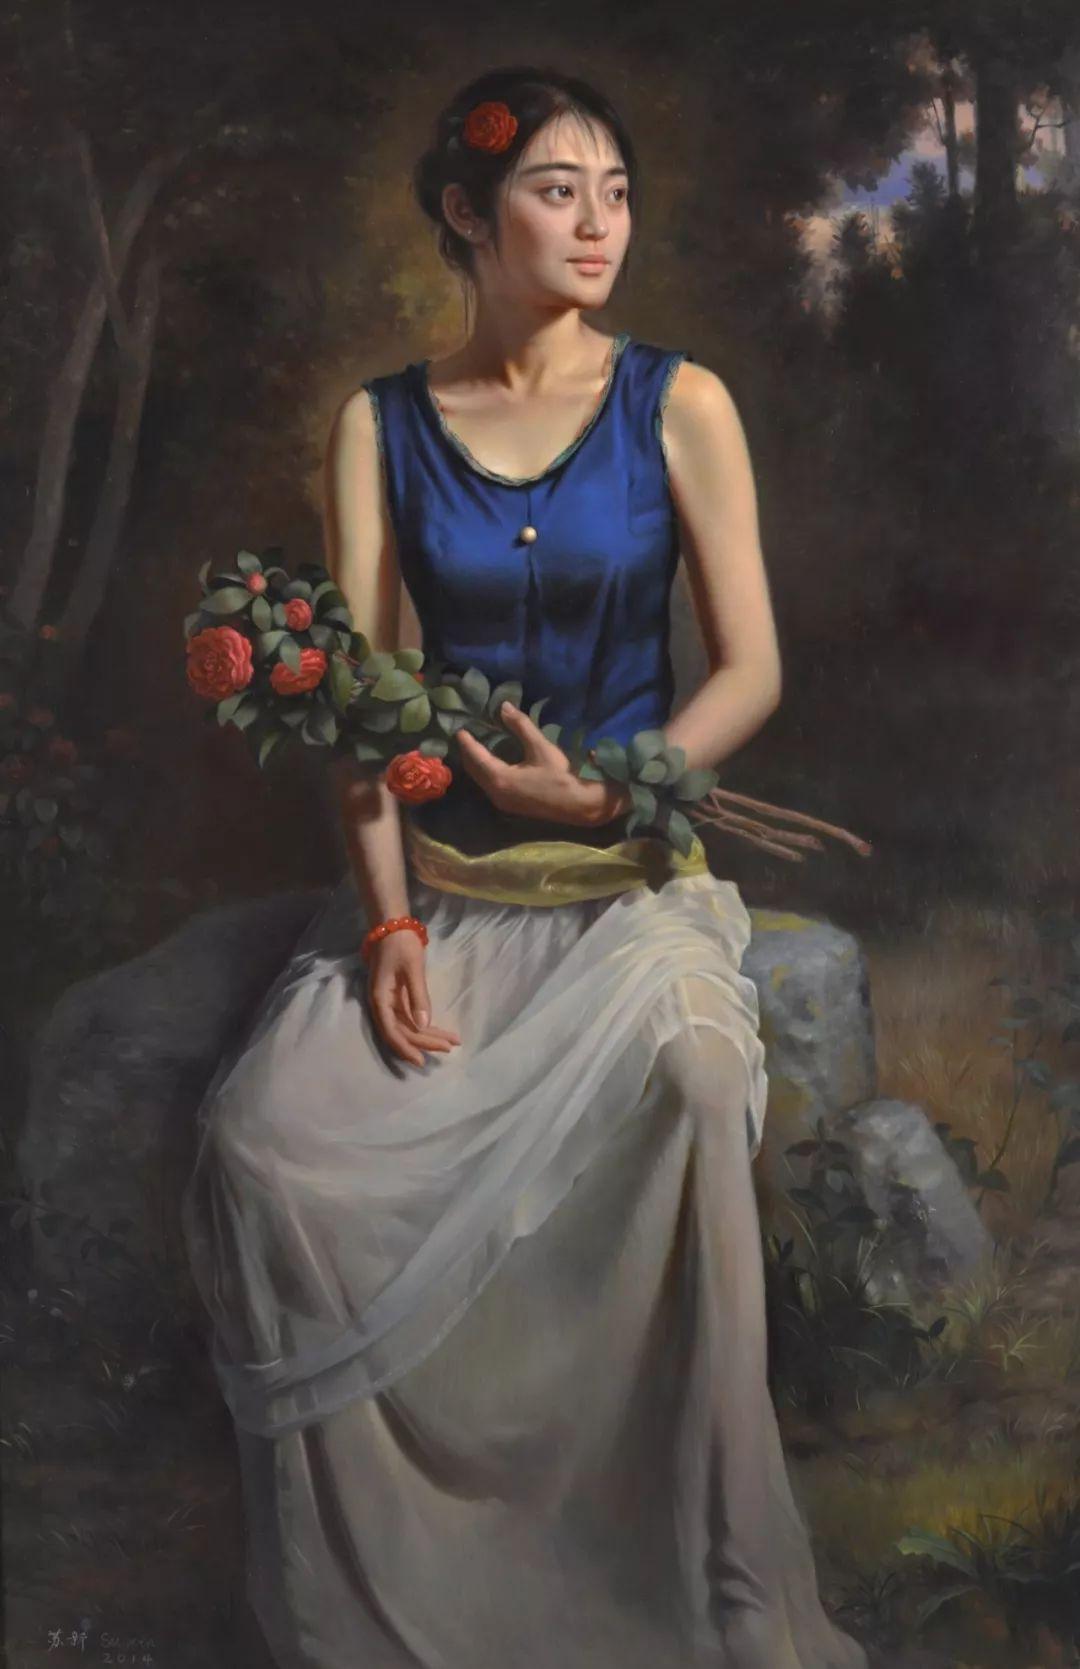 他画出绝美女子,每一幅都柔美个性,优雅自信插图4